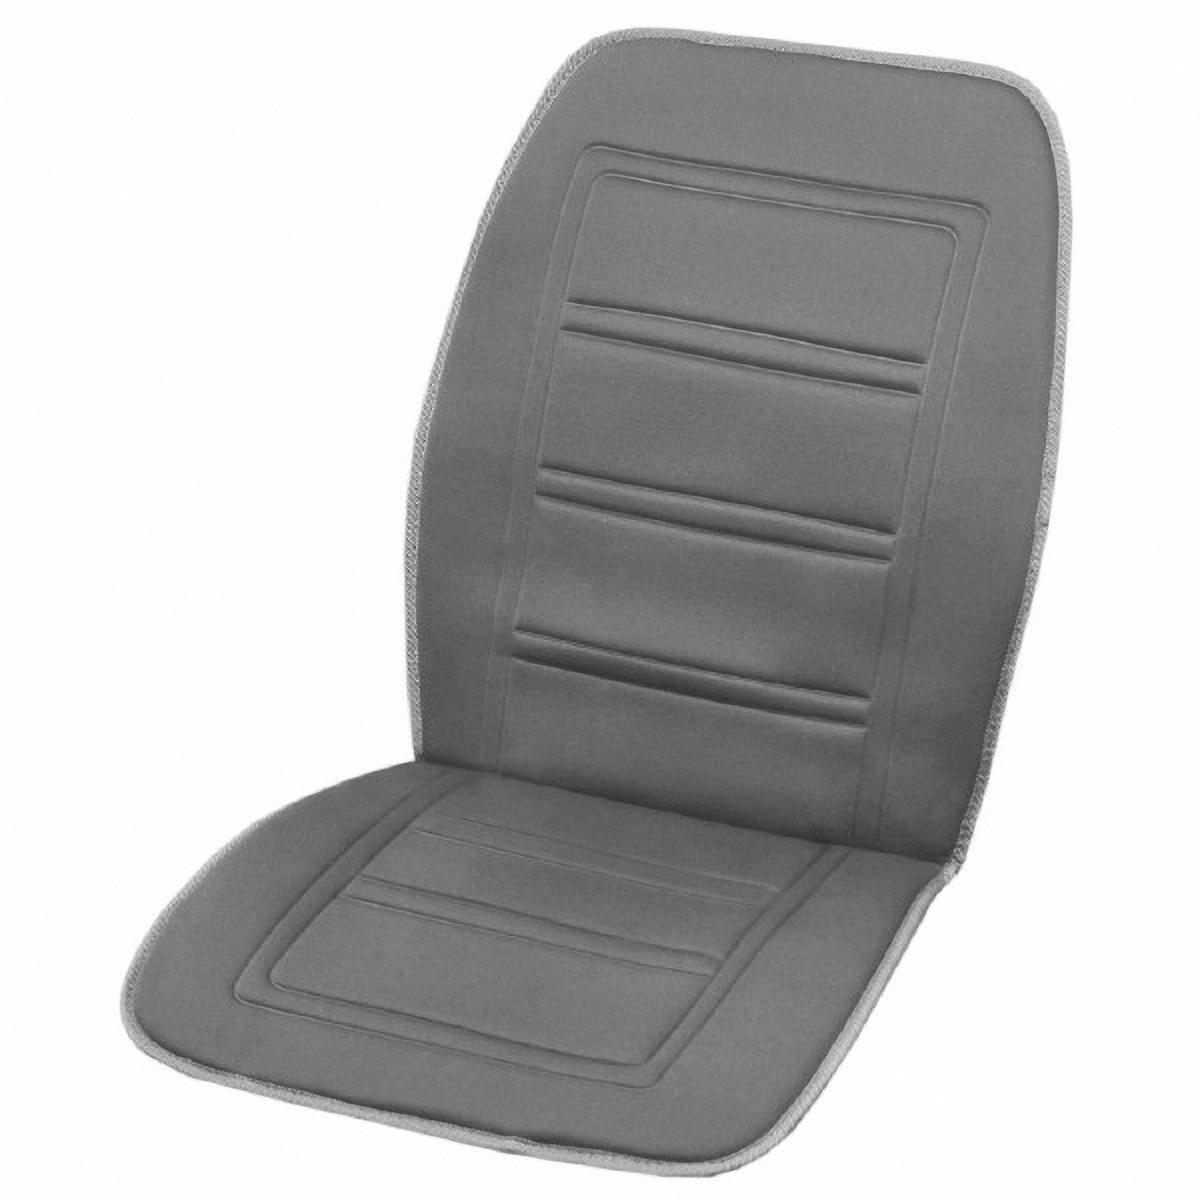 Подогрев для сиденья Skyway 12V, со спинкой, с терморегулятором, 2 режима, 2,5А-3А, цвет: серый, 95 х 47 смS02201024